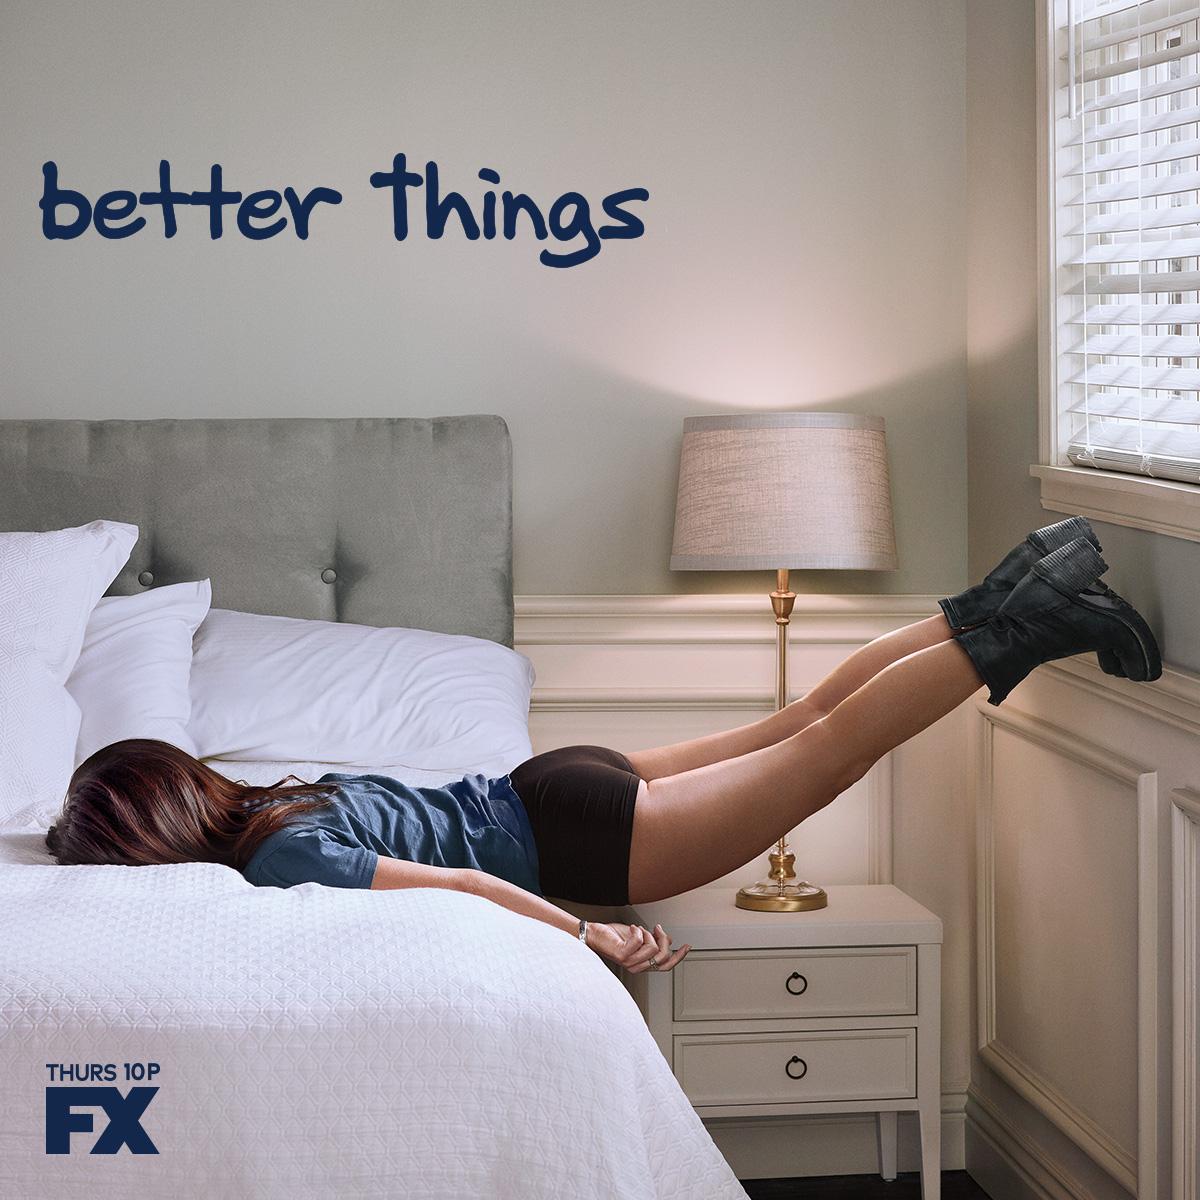 betterthings_thurs10_1200x1200